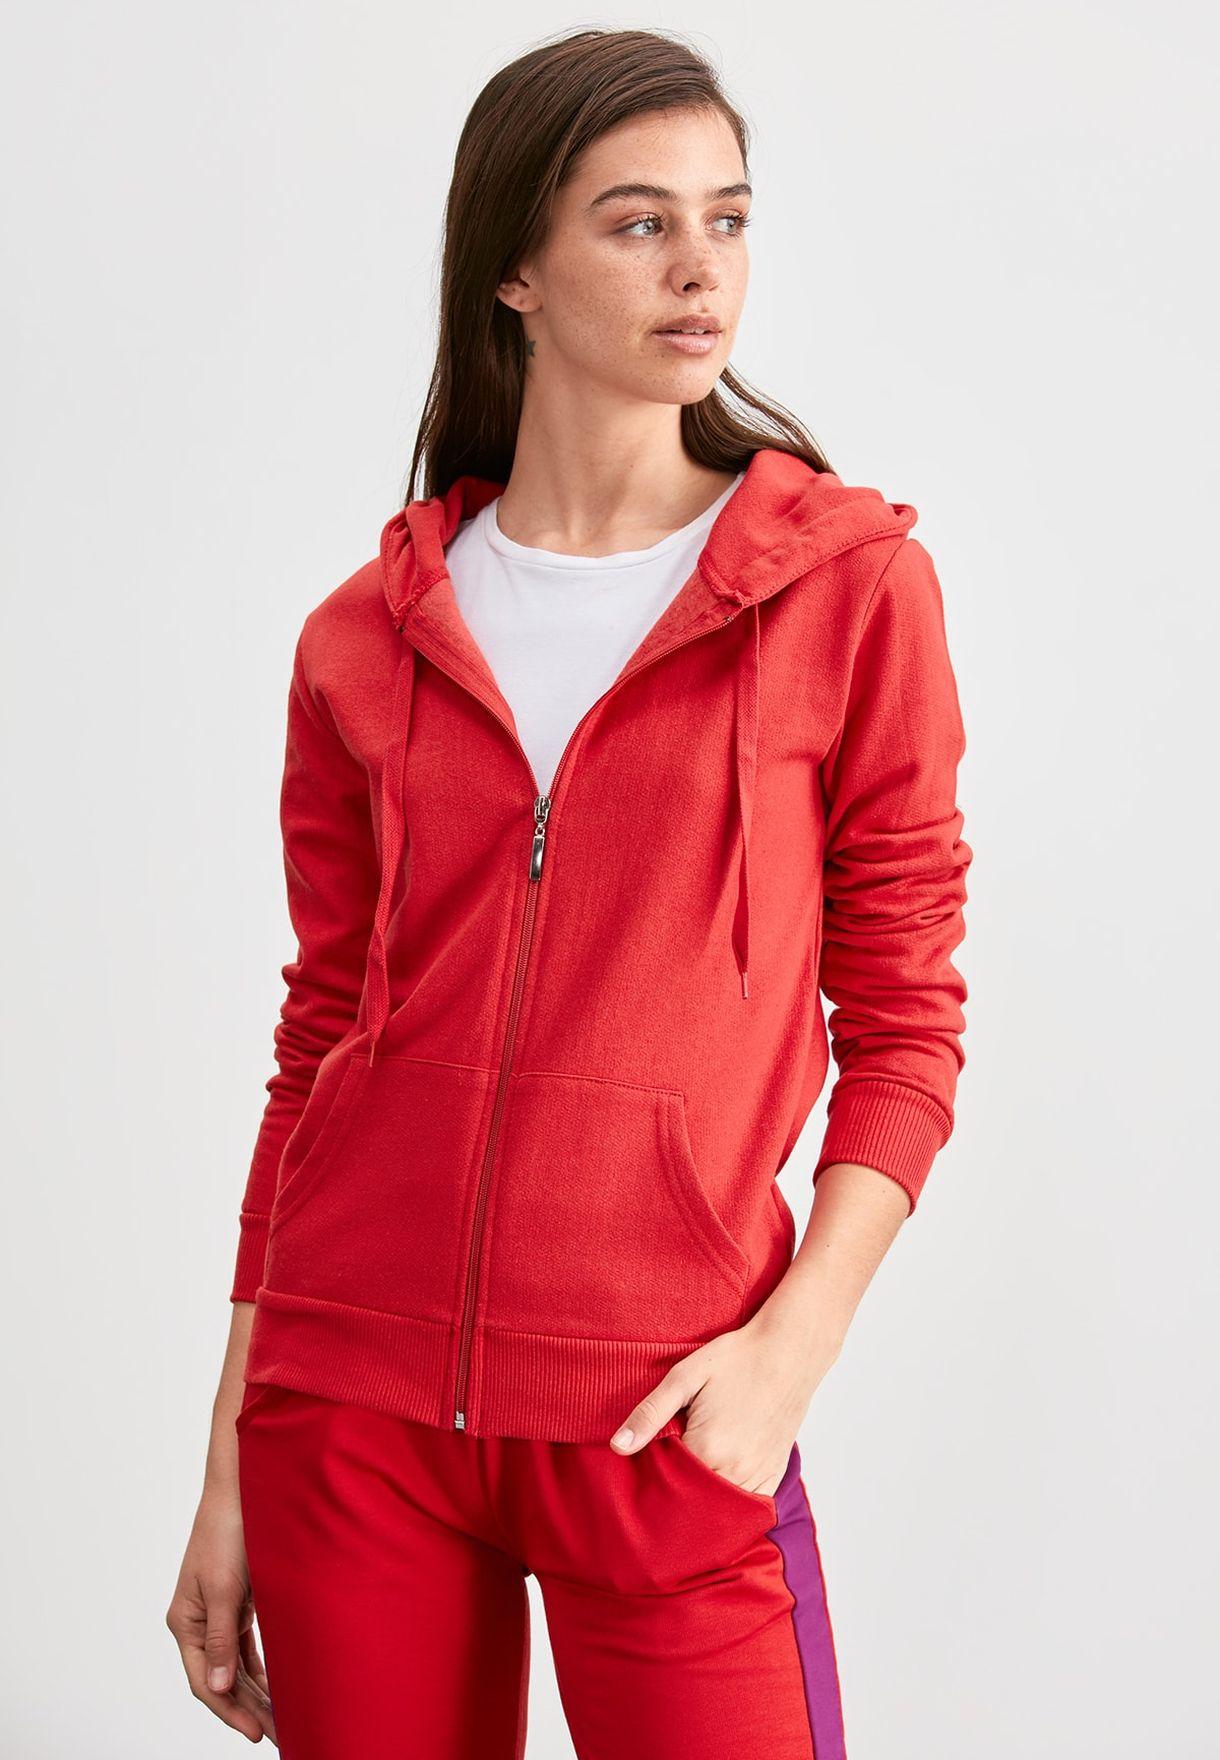 Buy Trendyol Red Full Zip Hoodie For Women, Uae 27680atb3ykp